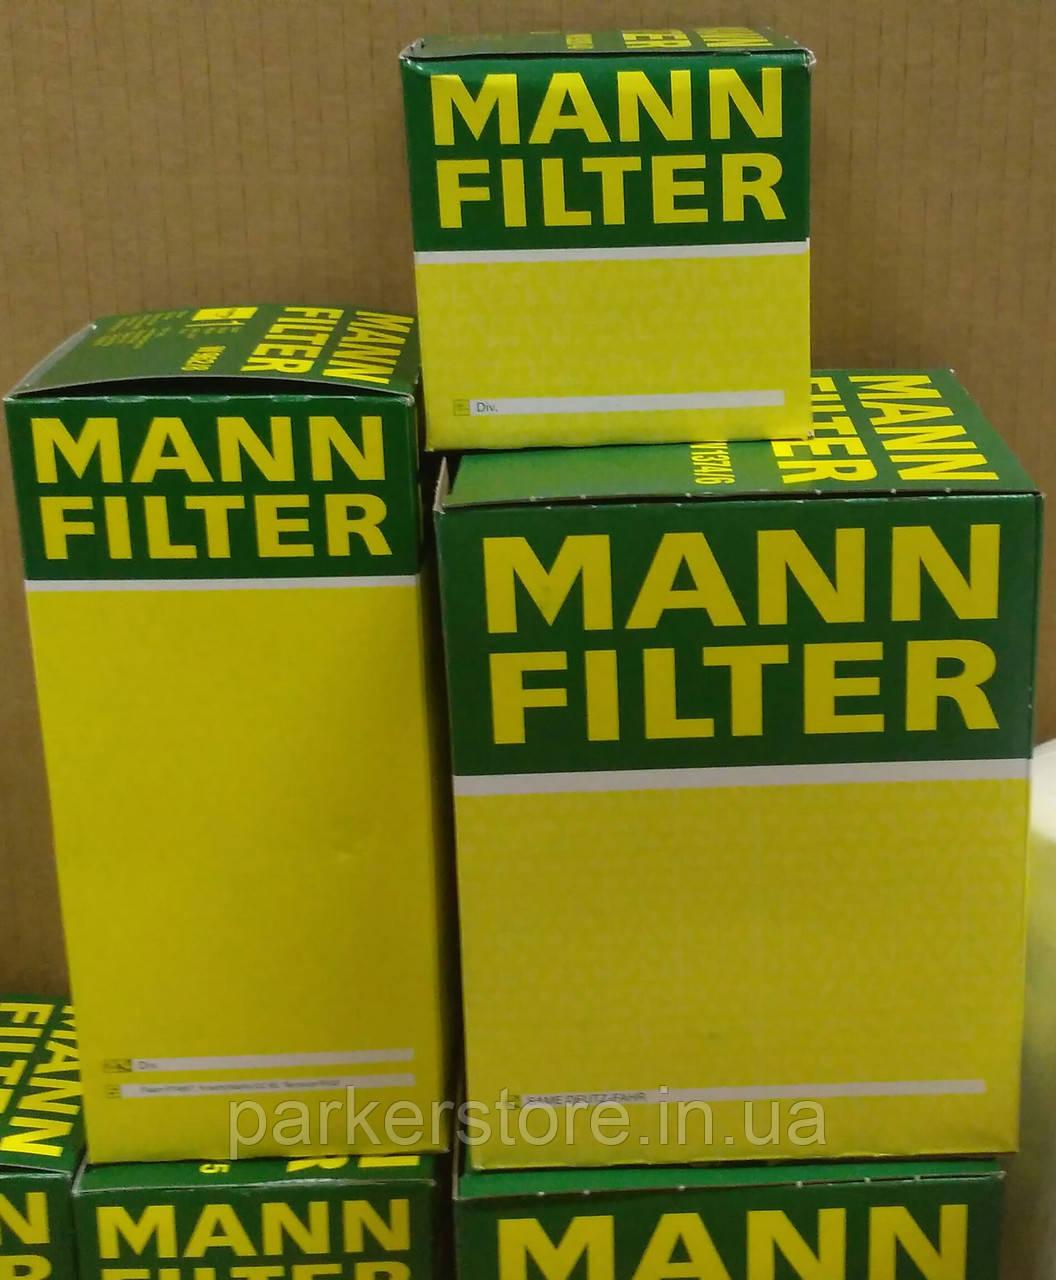 MANN FILTER / Повітряний фільтр / C 16 114 x / C16114x